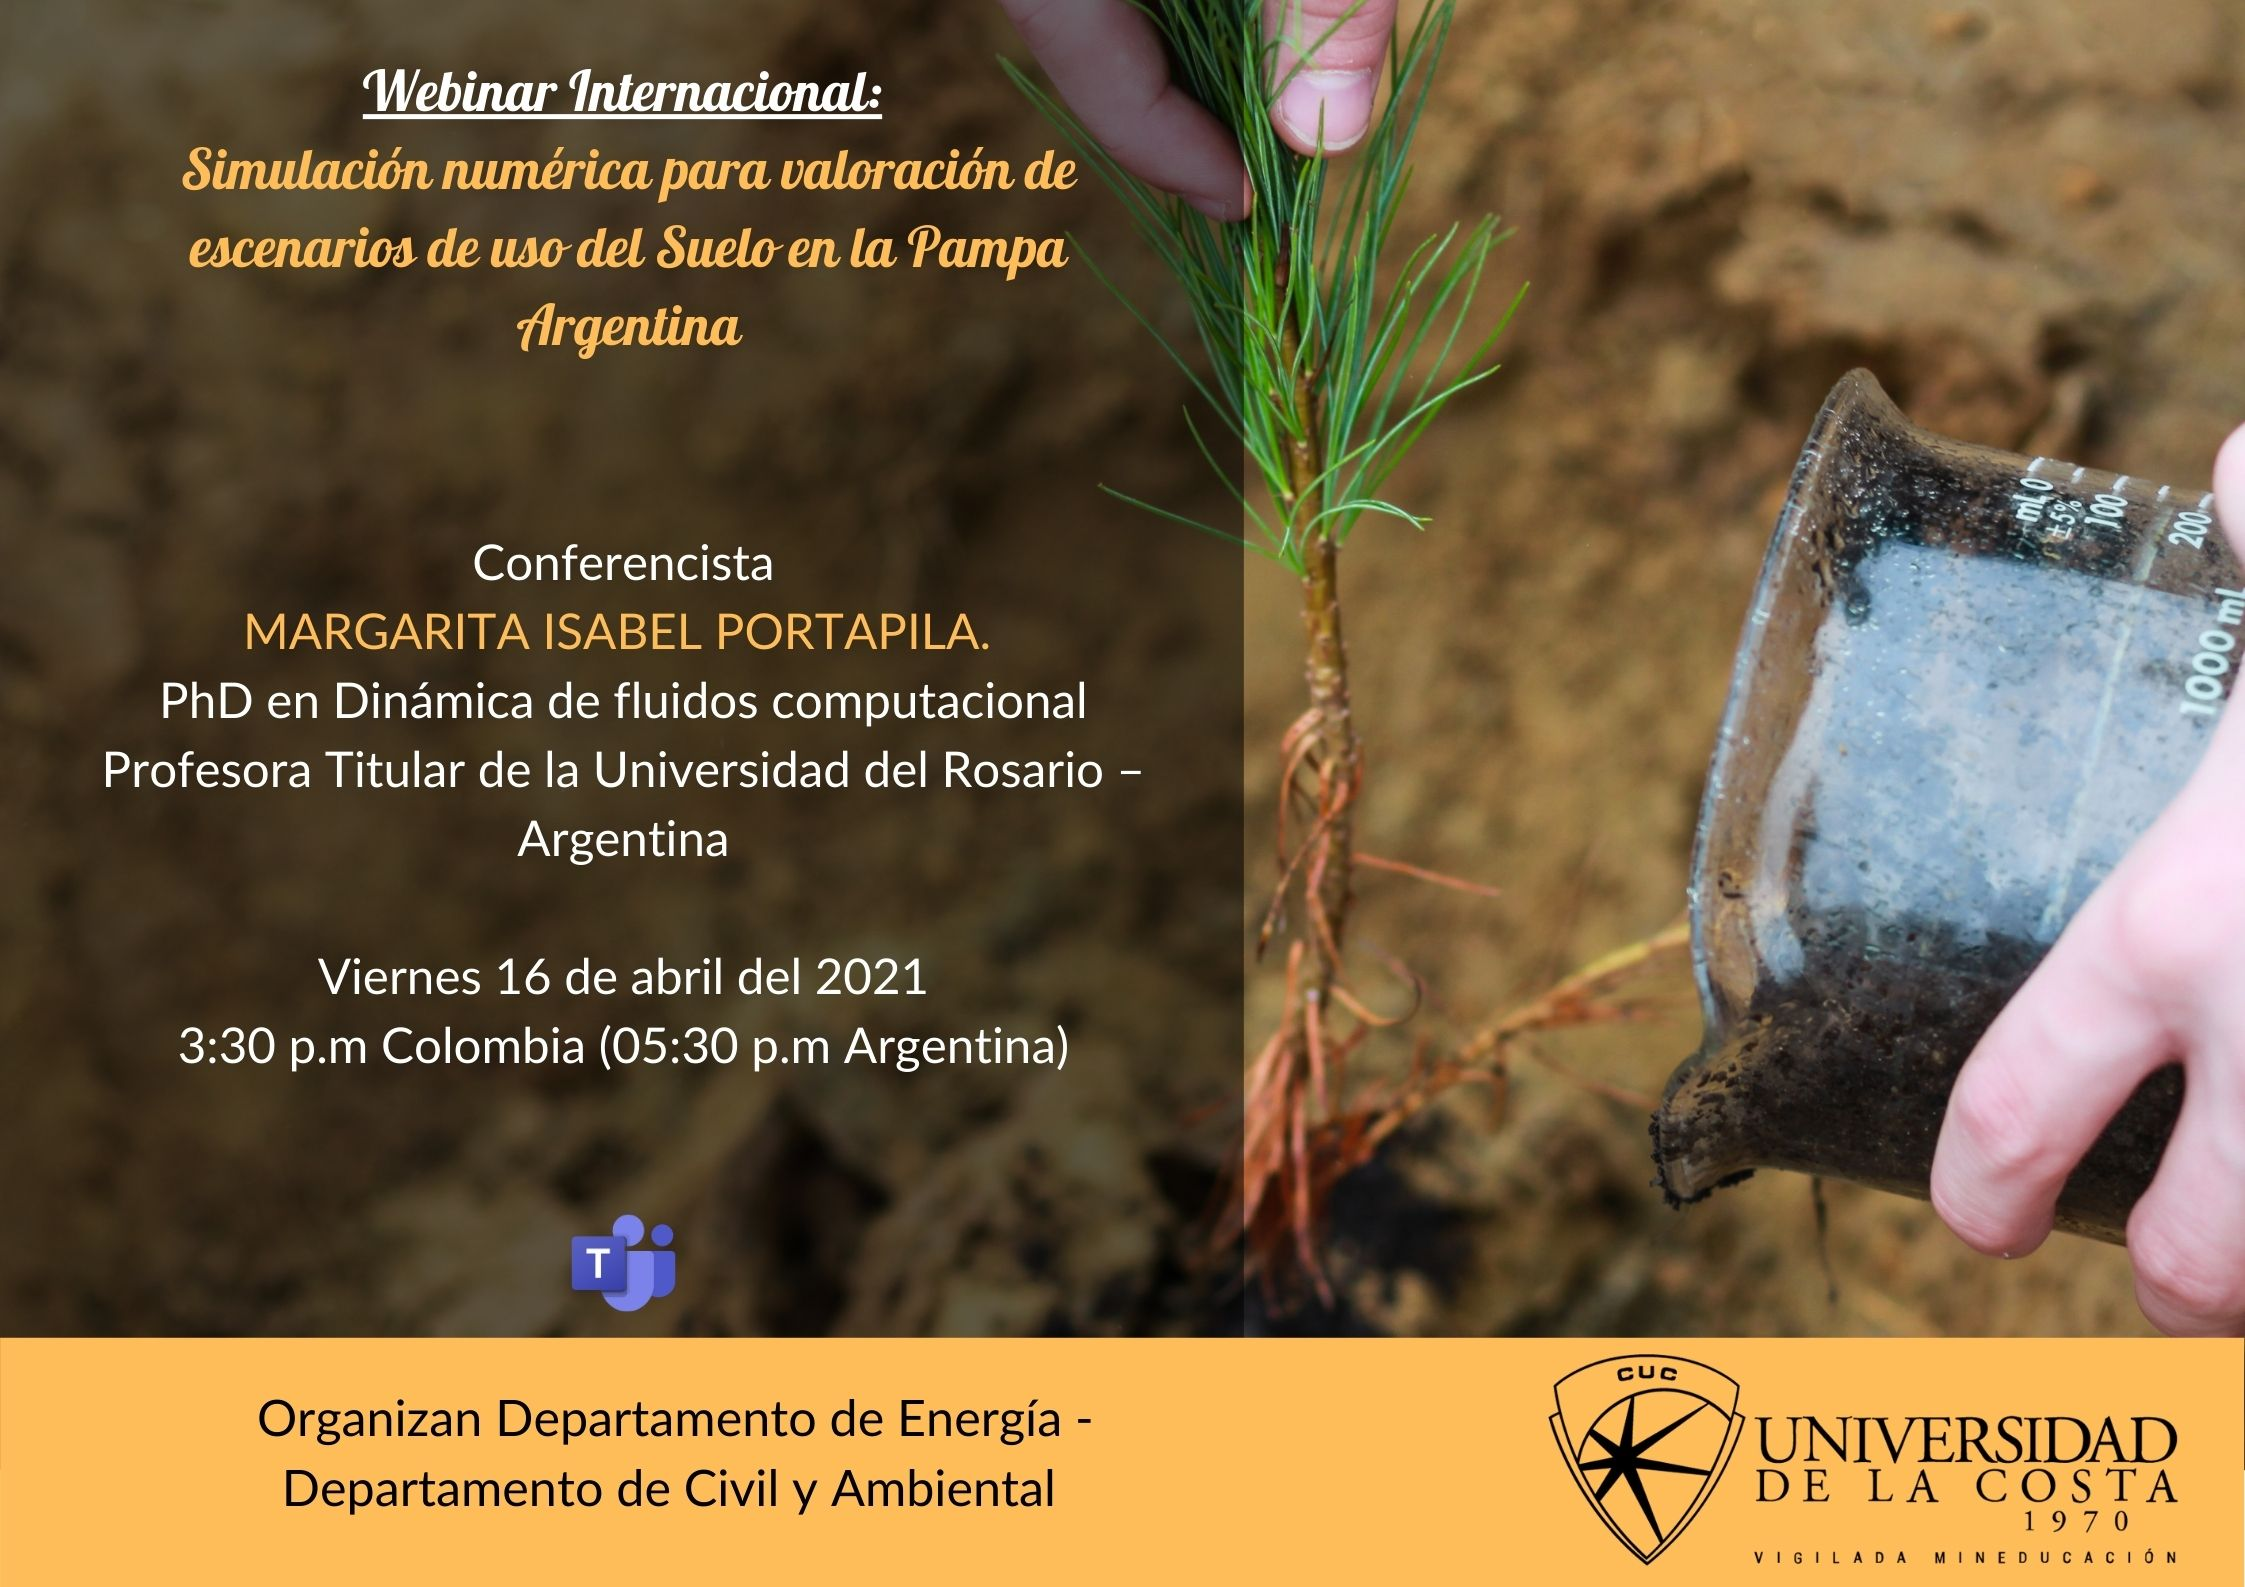 Simulación numérica para la valoración de escenarios del uso del suelo en la Pampa Argentina'